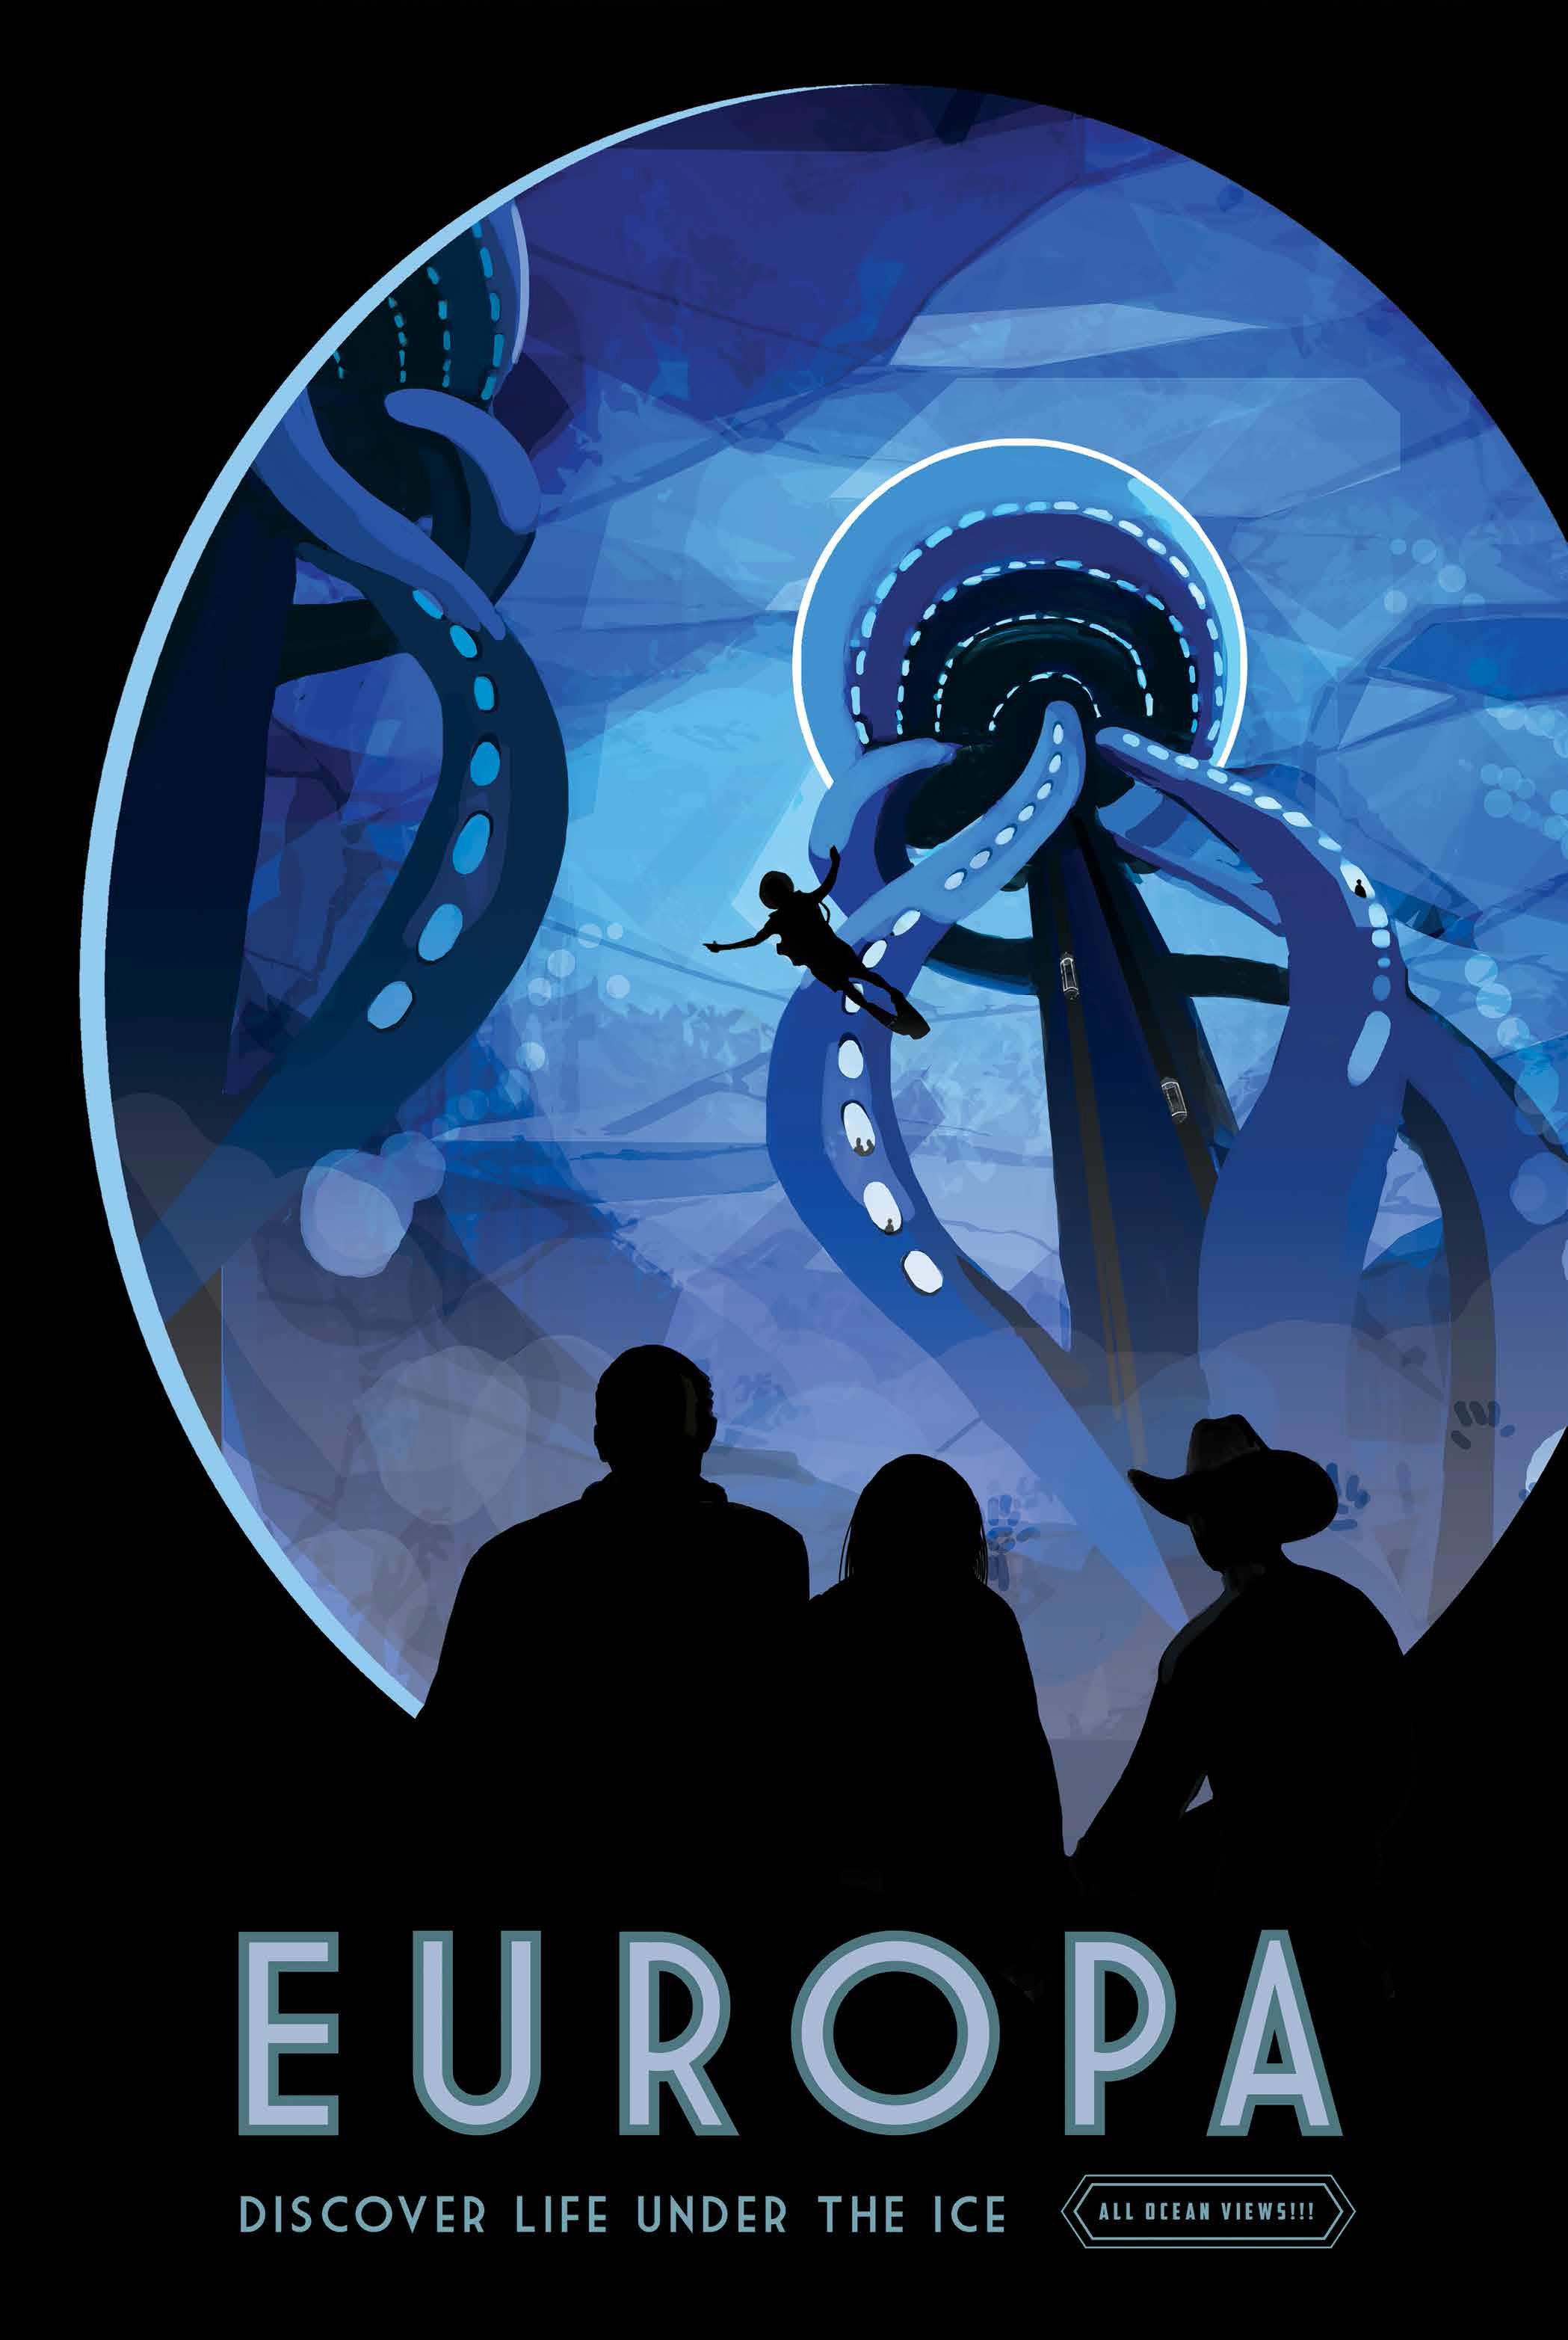 europa_nasa_il turismo spaziale